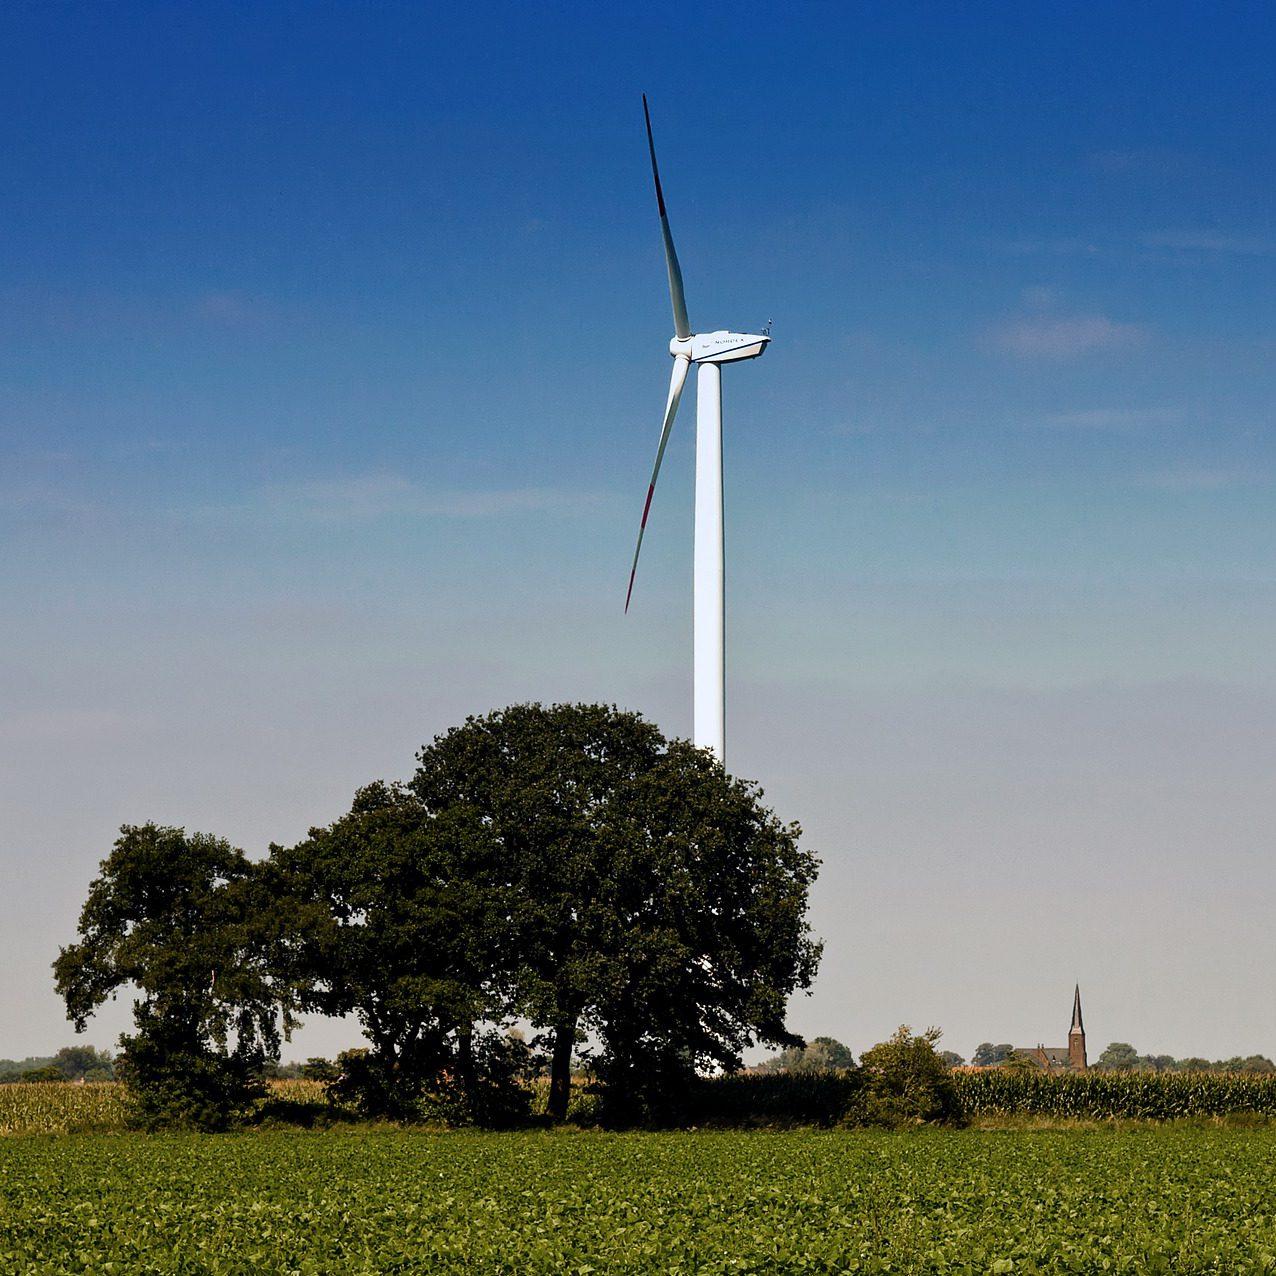 Dezentrale Beteiligung an der Planung und Finanzierung der Transformation des Energiesystems (DZ-ES) – Eine interdisziplinäre Analyse auf Basis der institutionenökonomischen und politikwissenschaftlichen, technischen/systematischen sowie rechtlichen Erkenntnisse